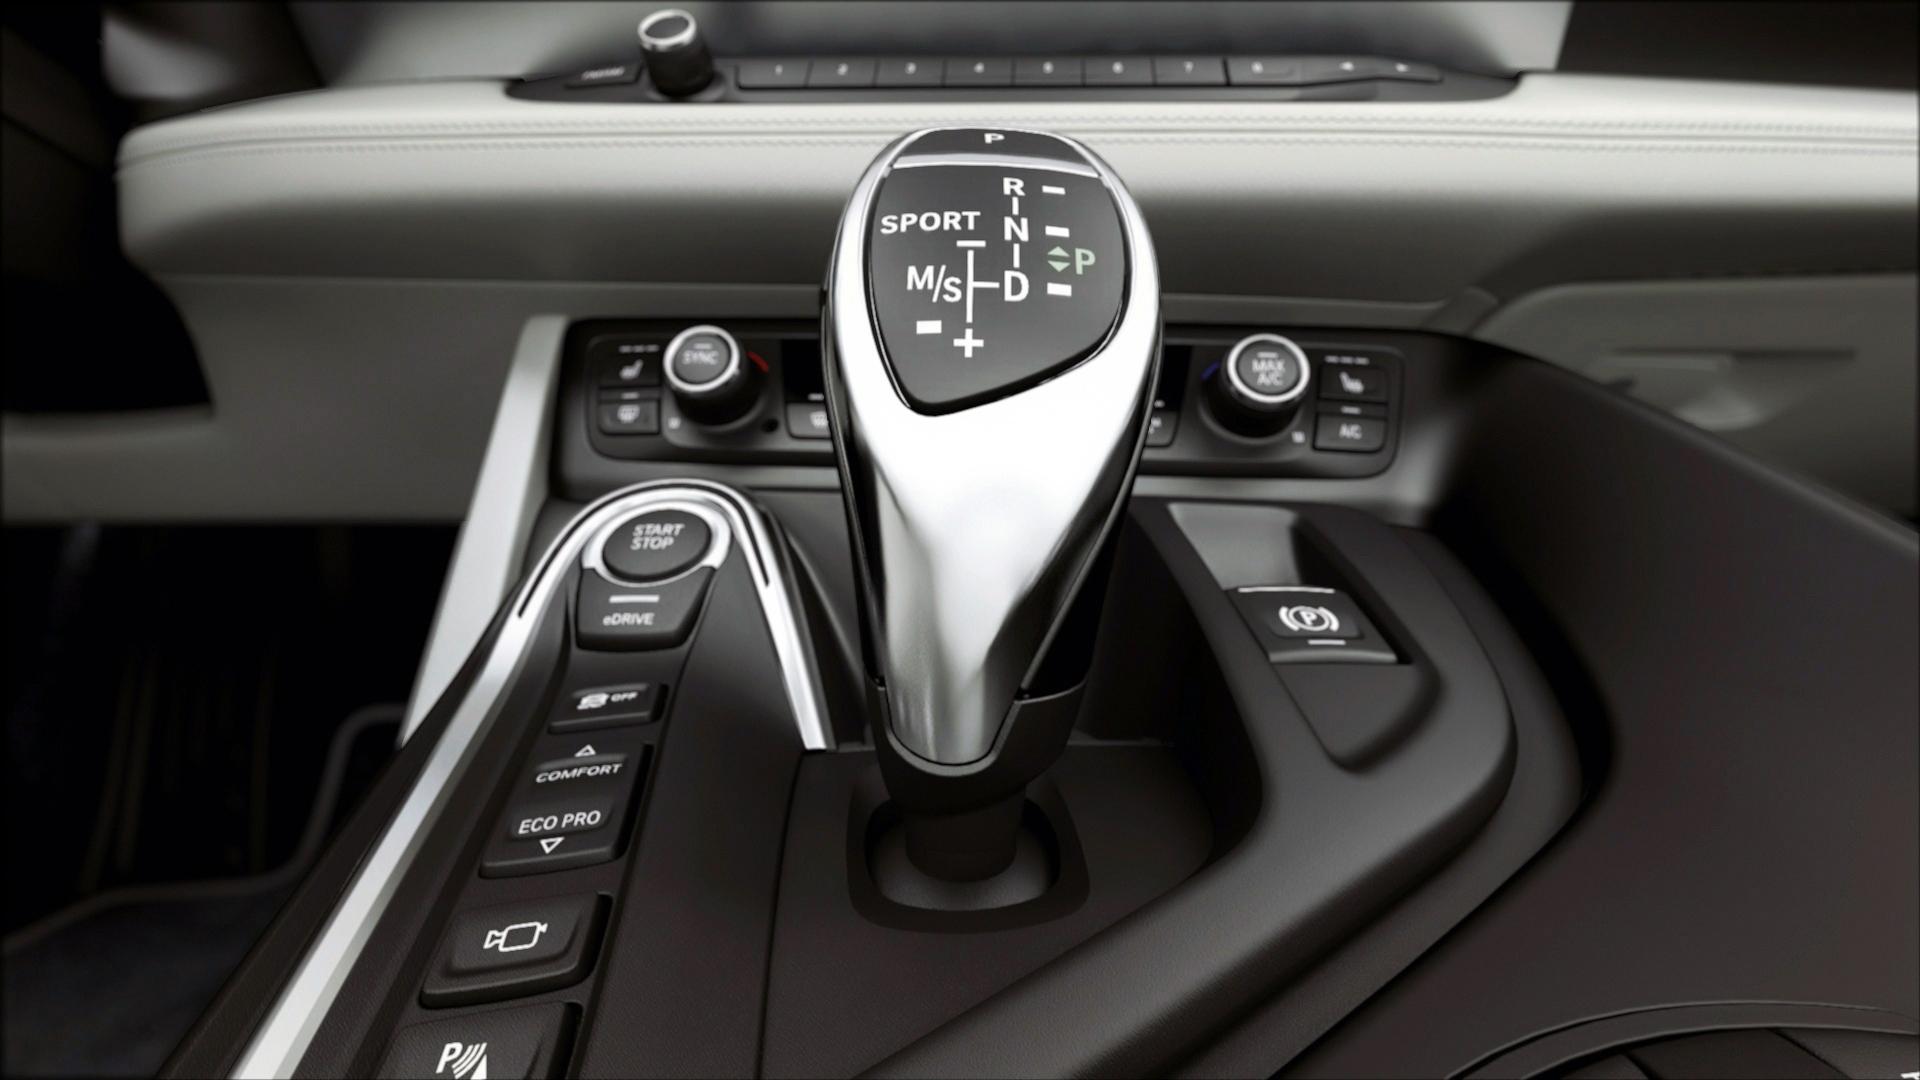 Bmw I8 Interior Smcars Net Car Blueprints Forum